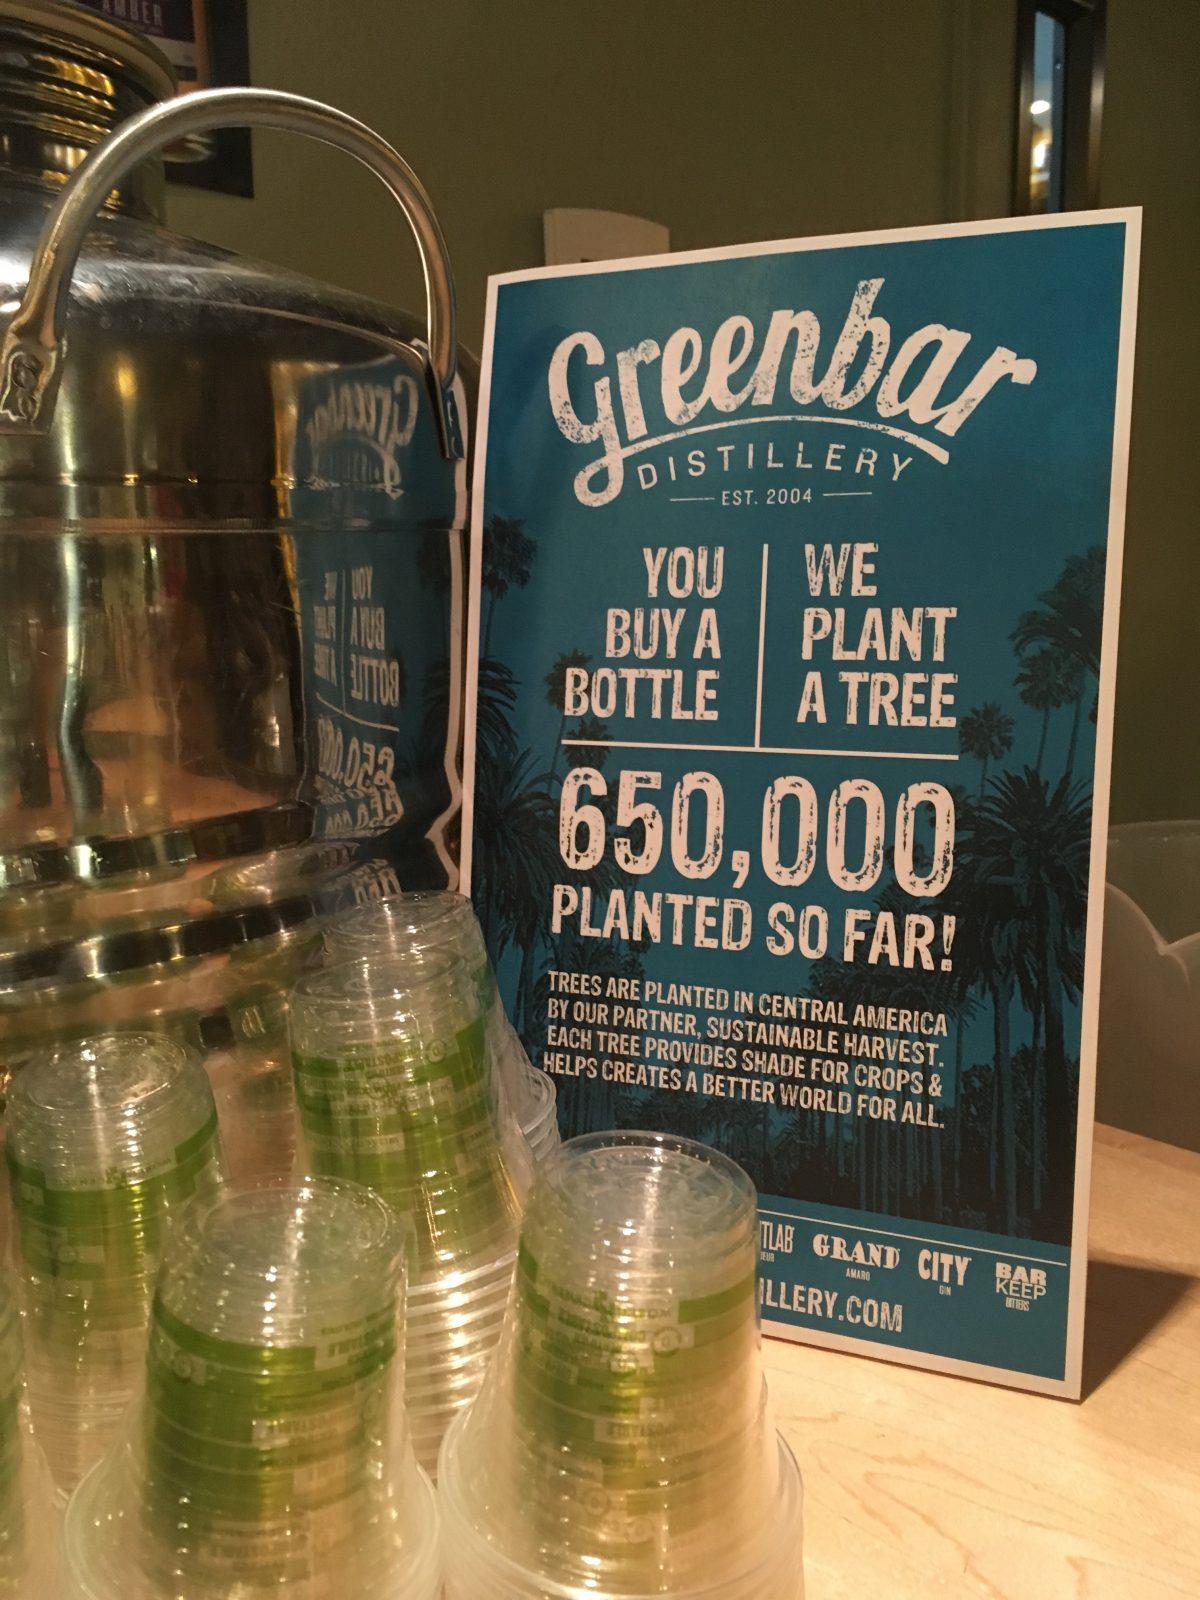 about Green Bar Distillery